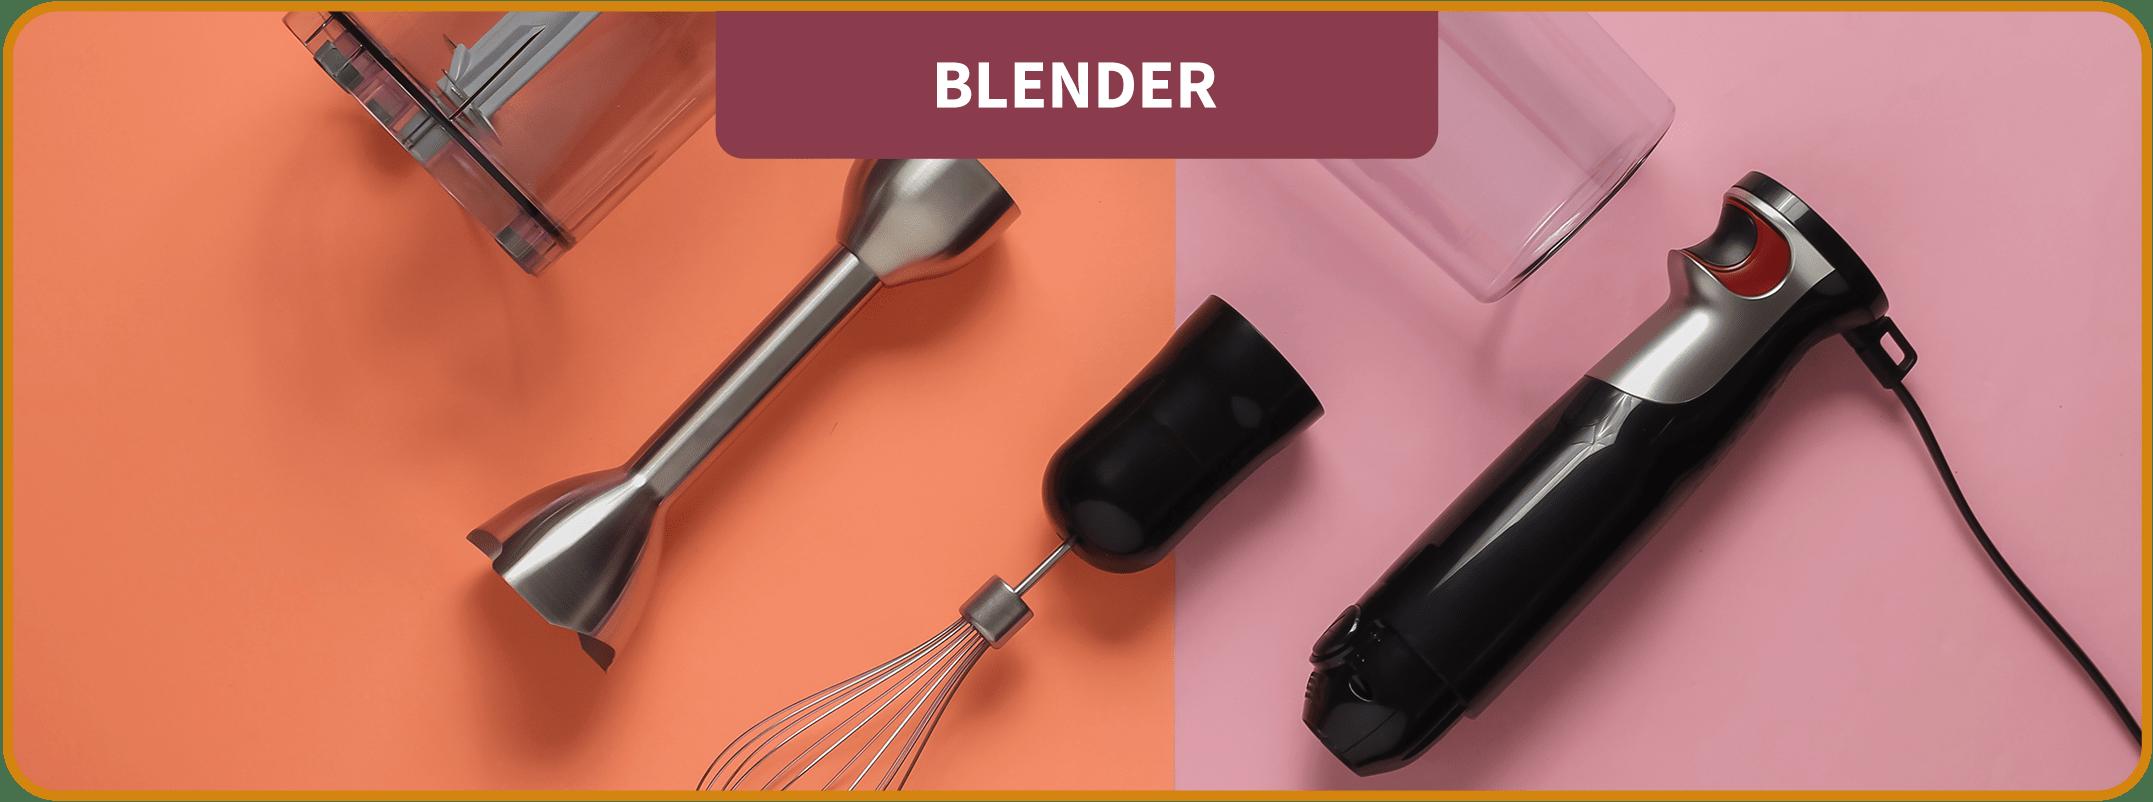 blender ve blender setleri